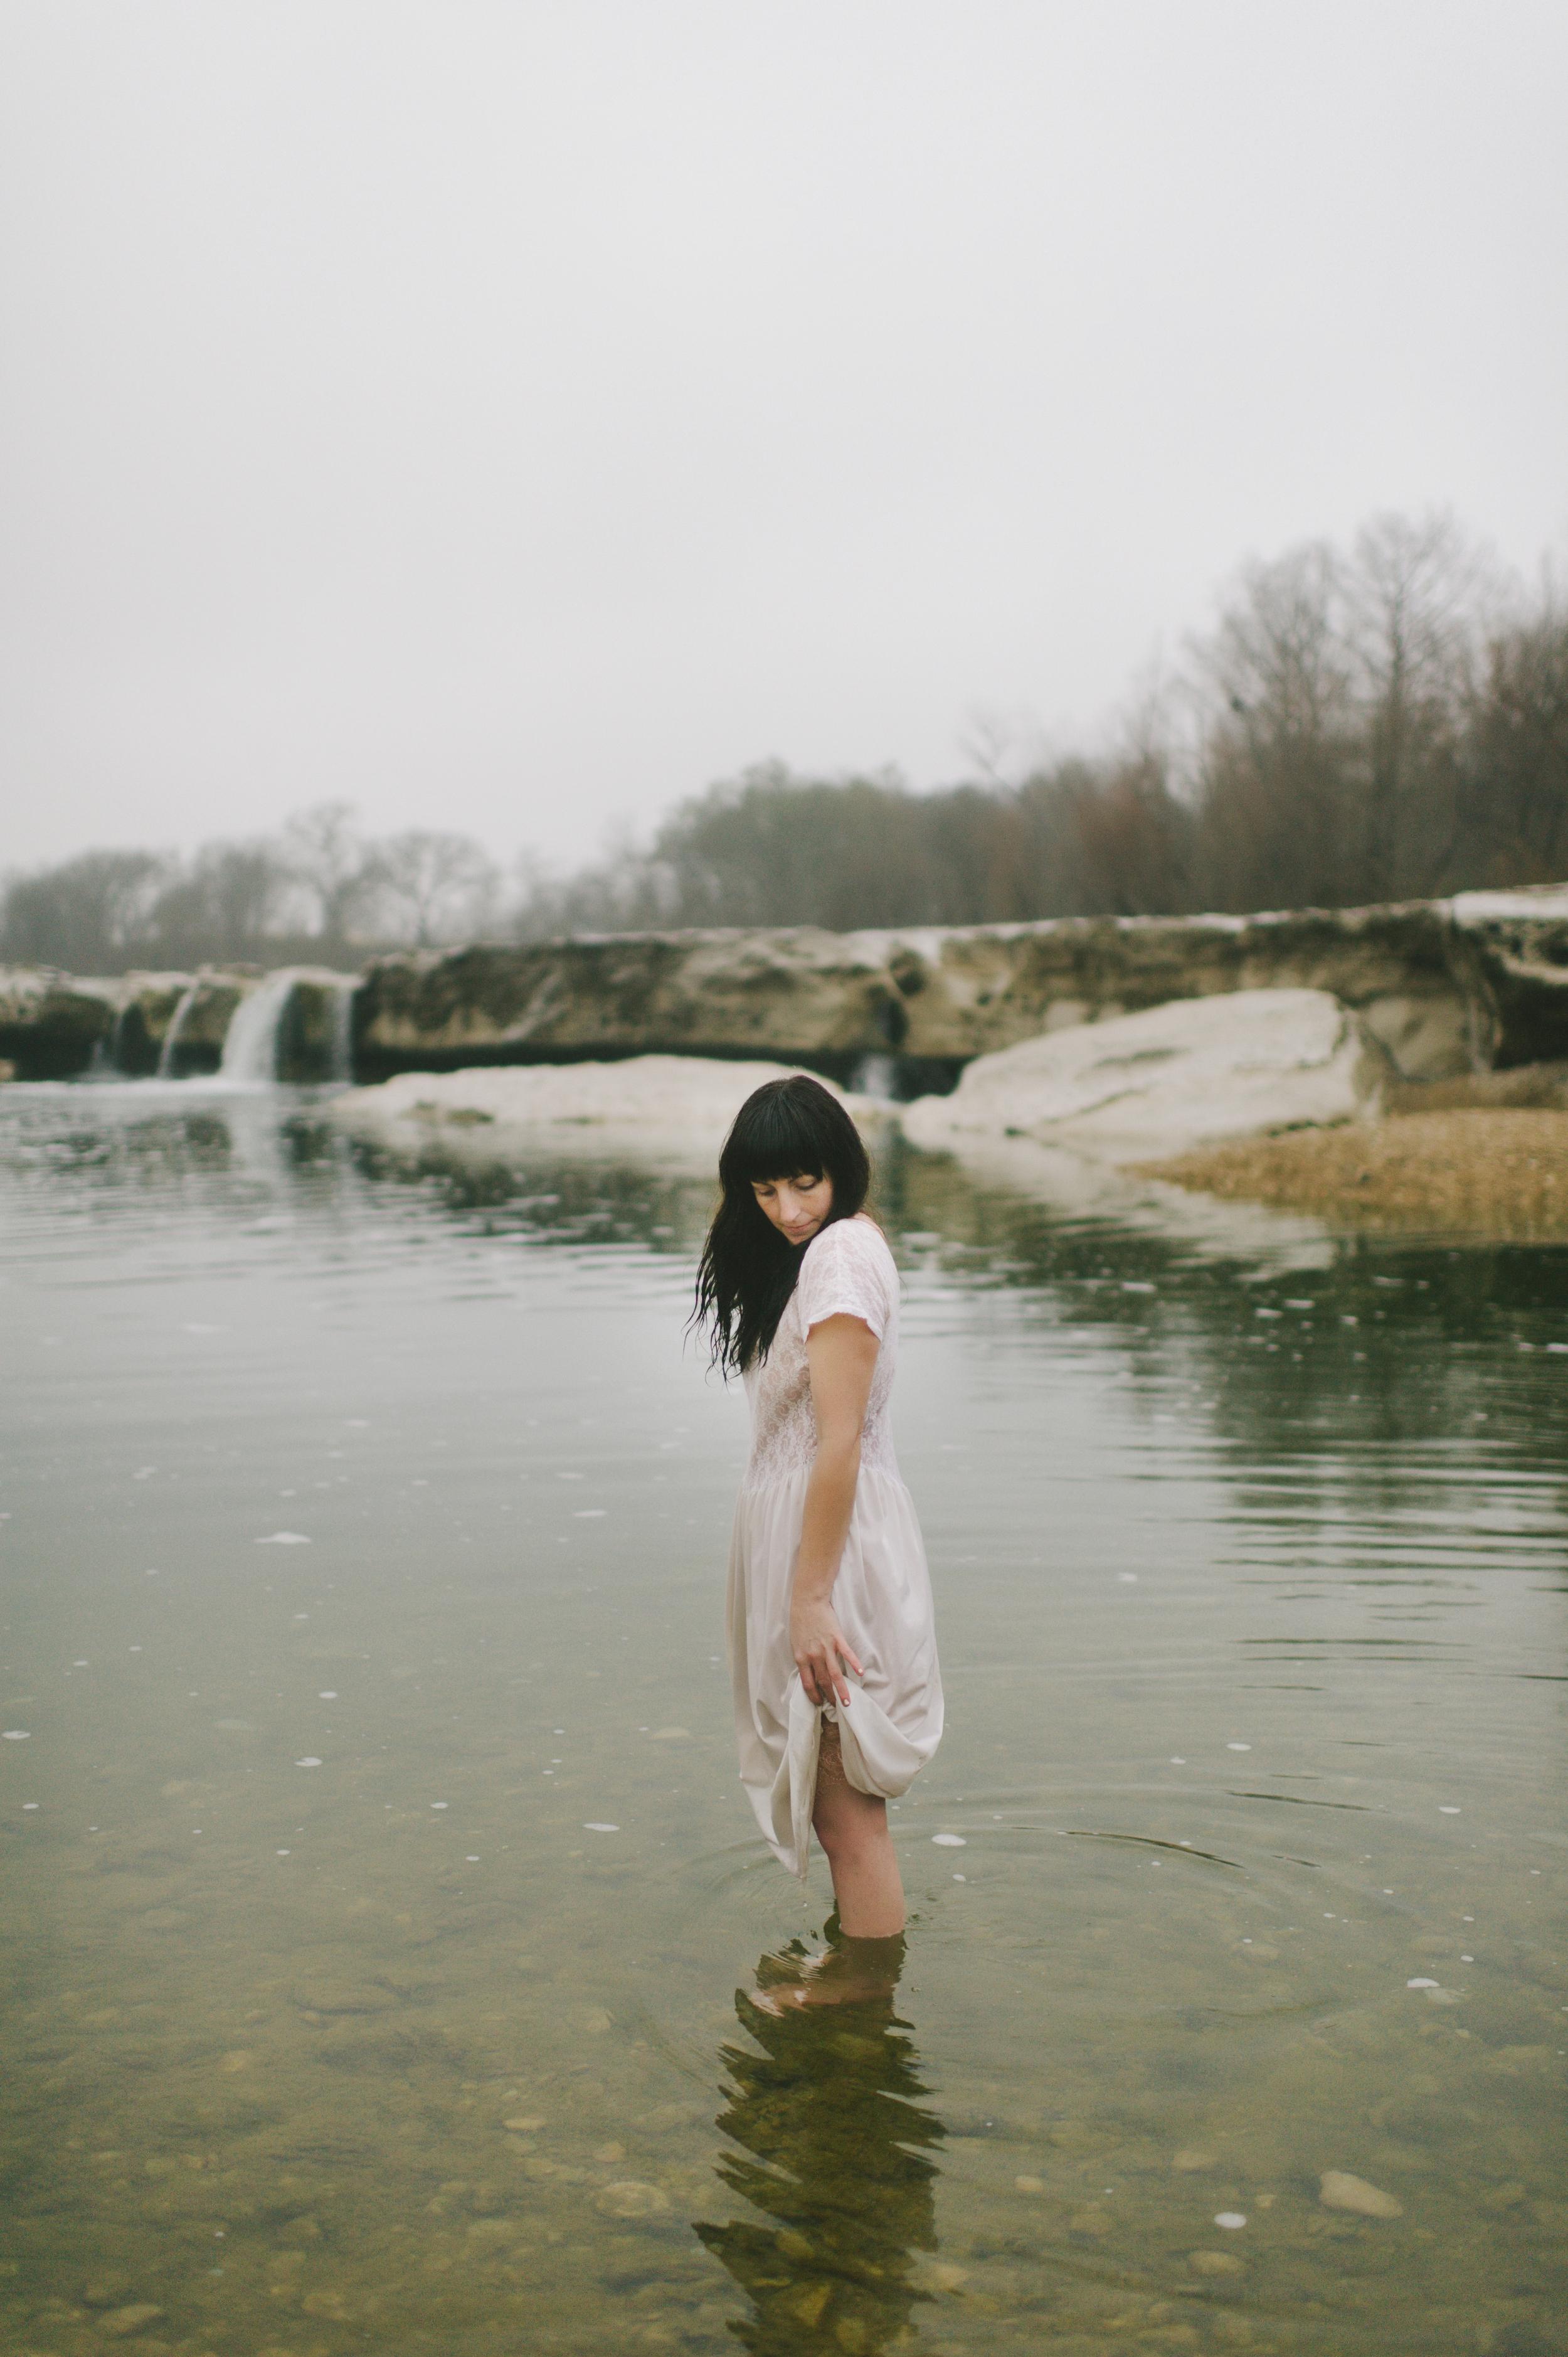 river-story-joy-gardella172.JPG